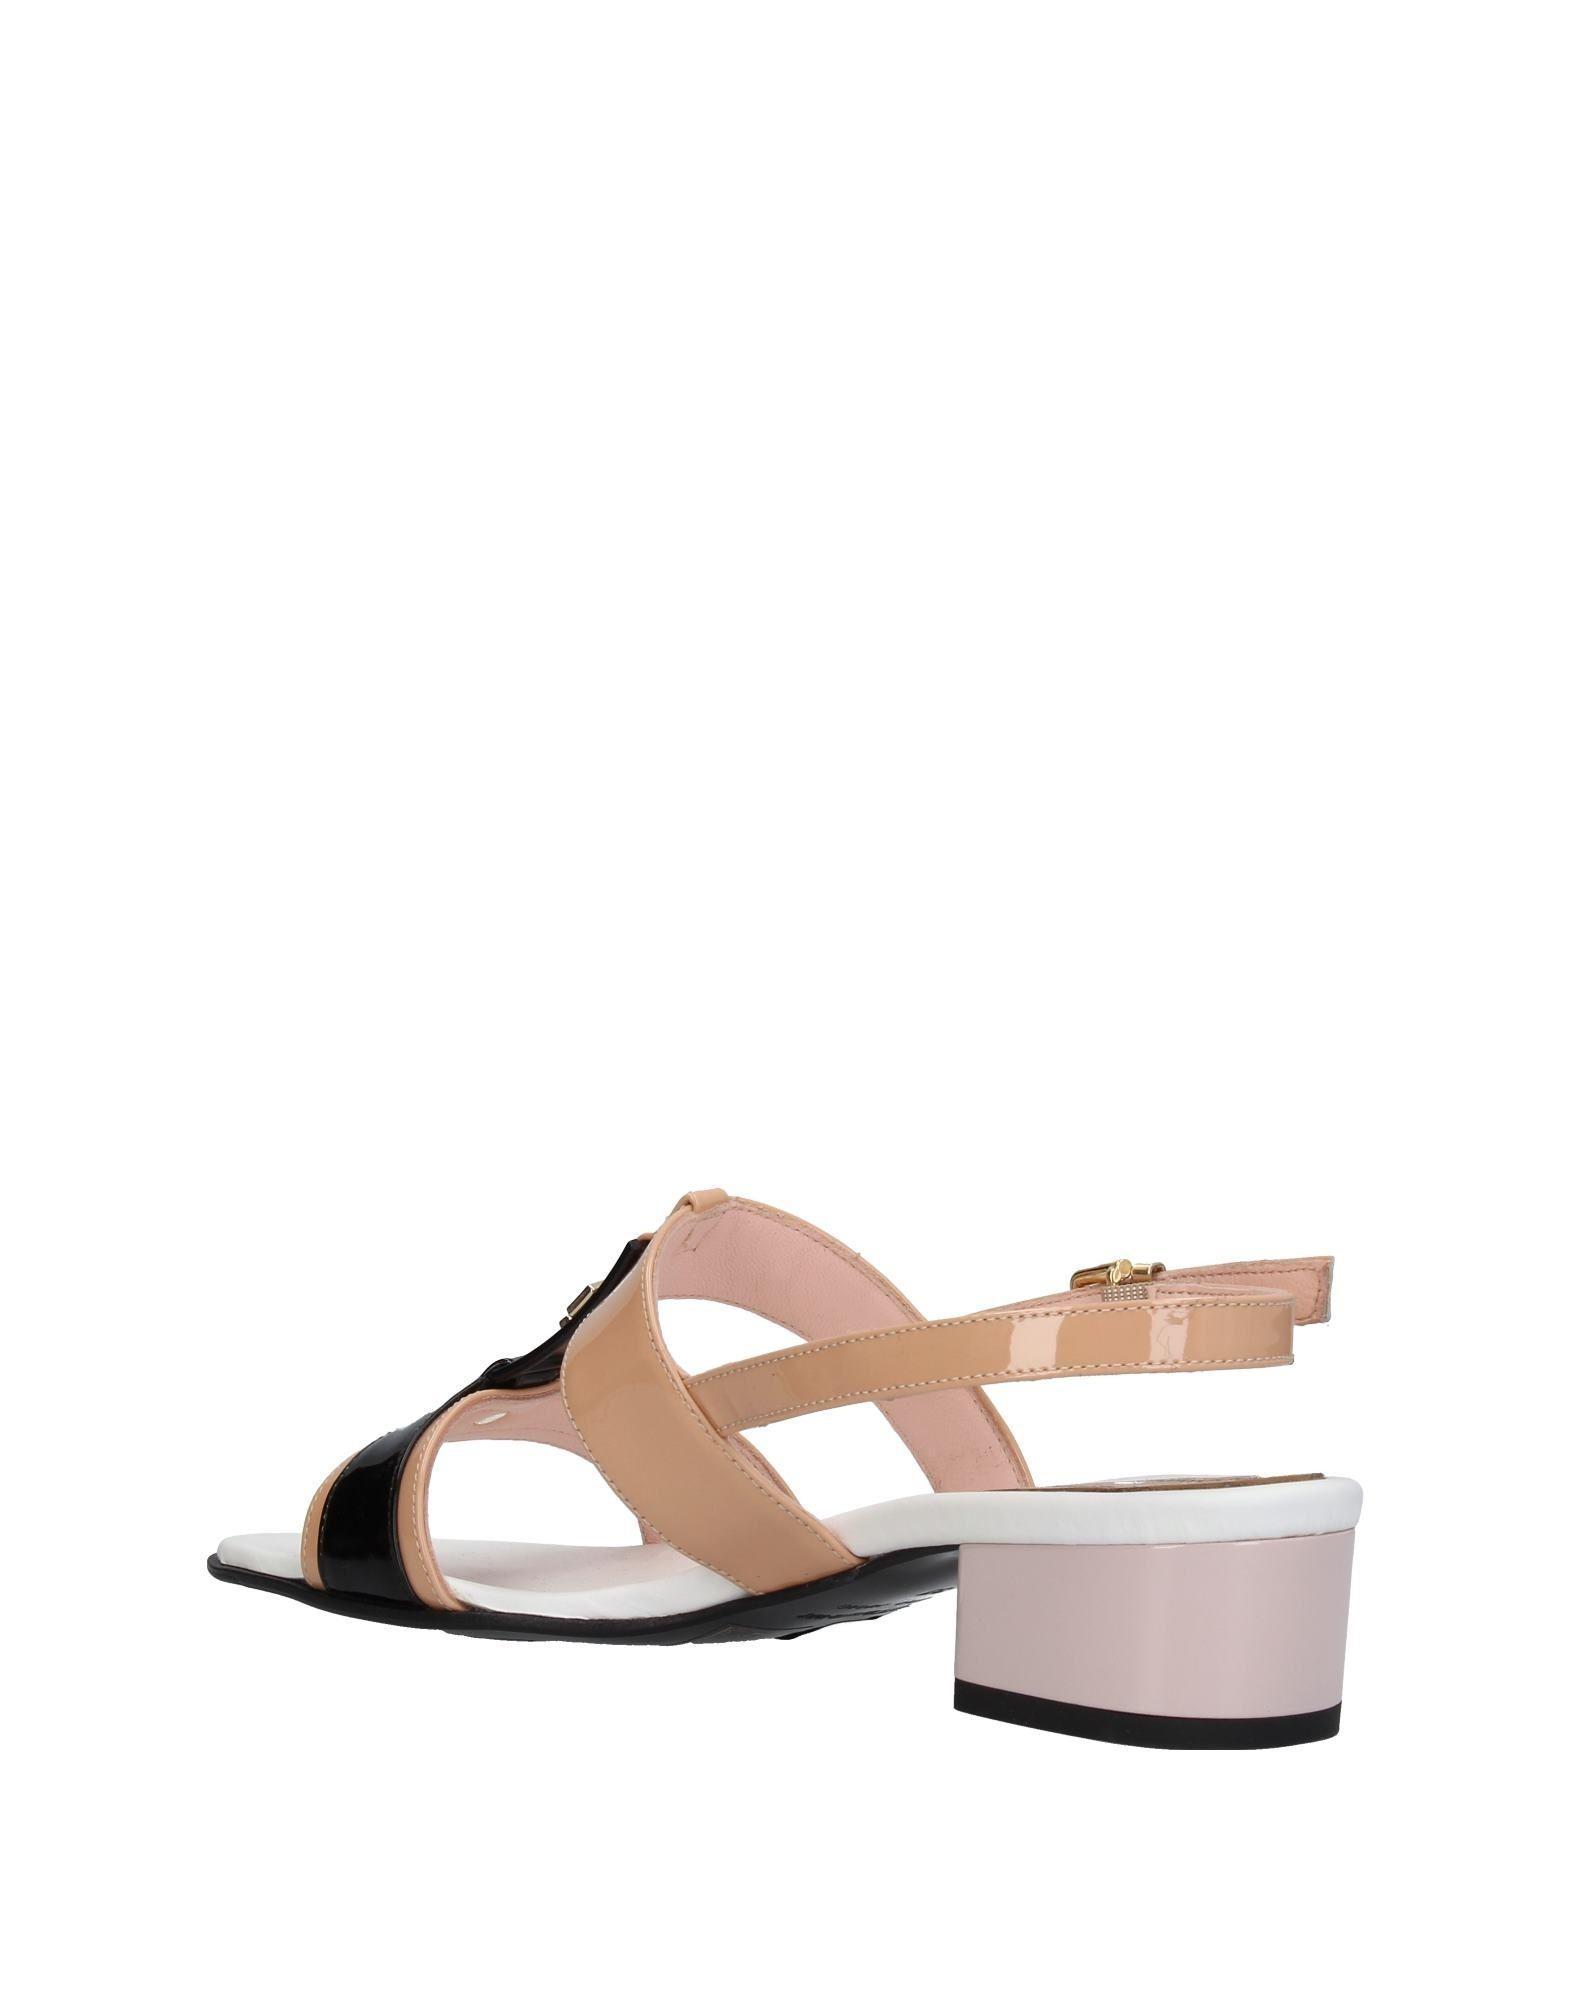 Sandals Pettinari Loretta In Lyst Pink Dh2wyi9e uOiXkTPZ